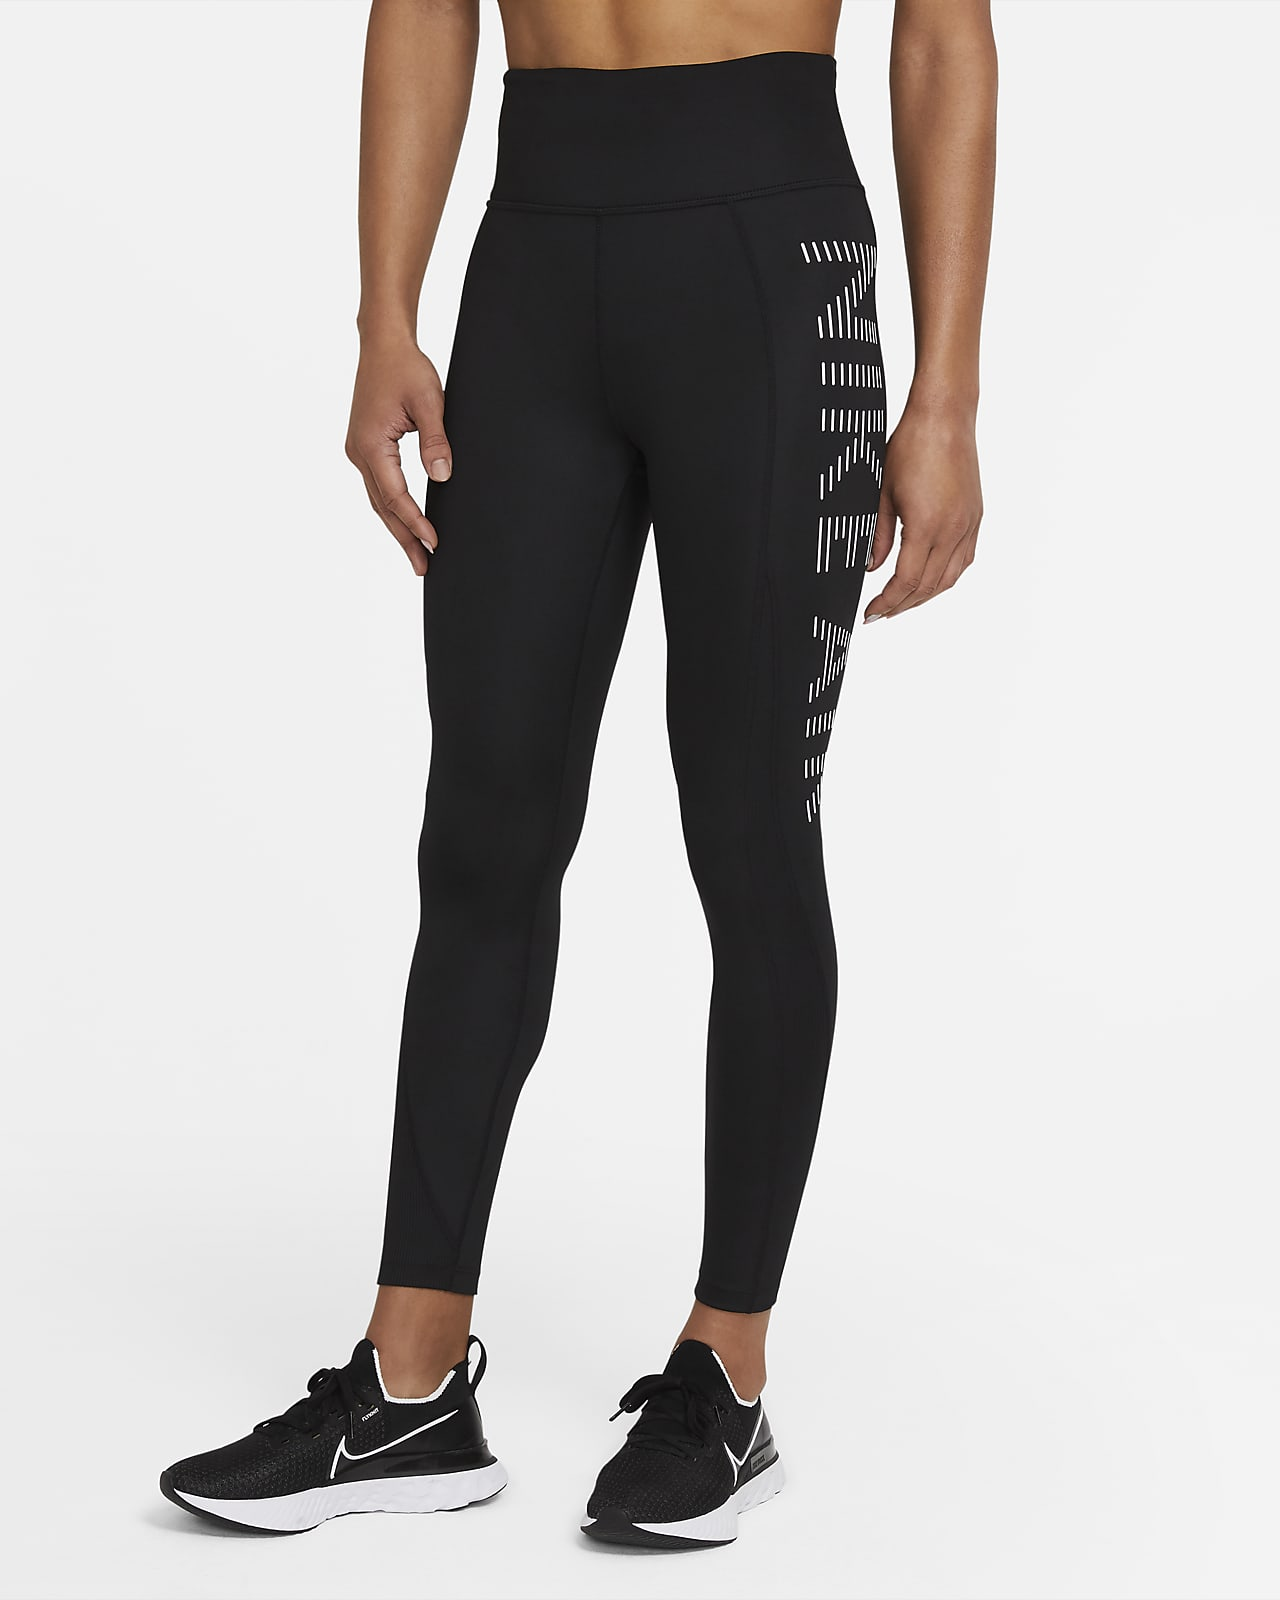 Nike Air Epic Fast Women's 7/8-Length Running Leggings